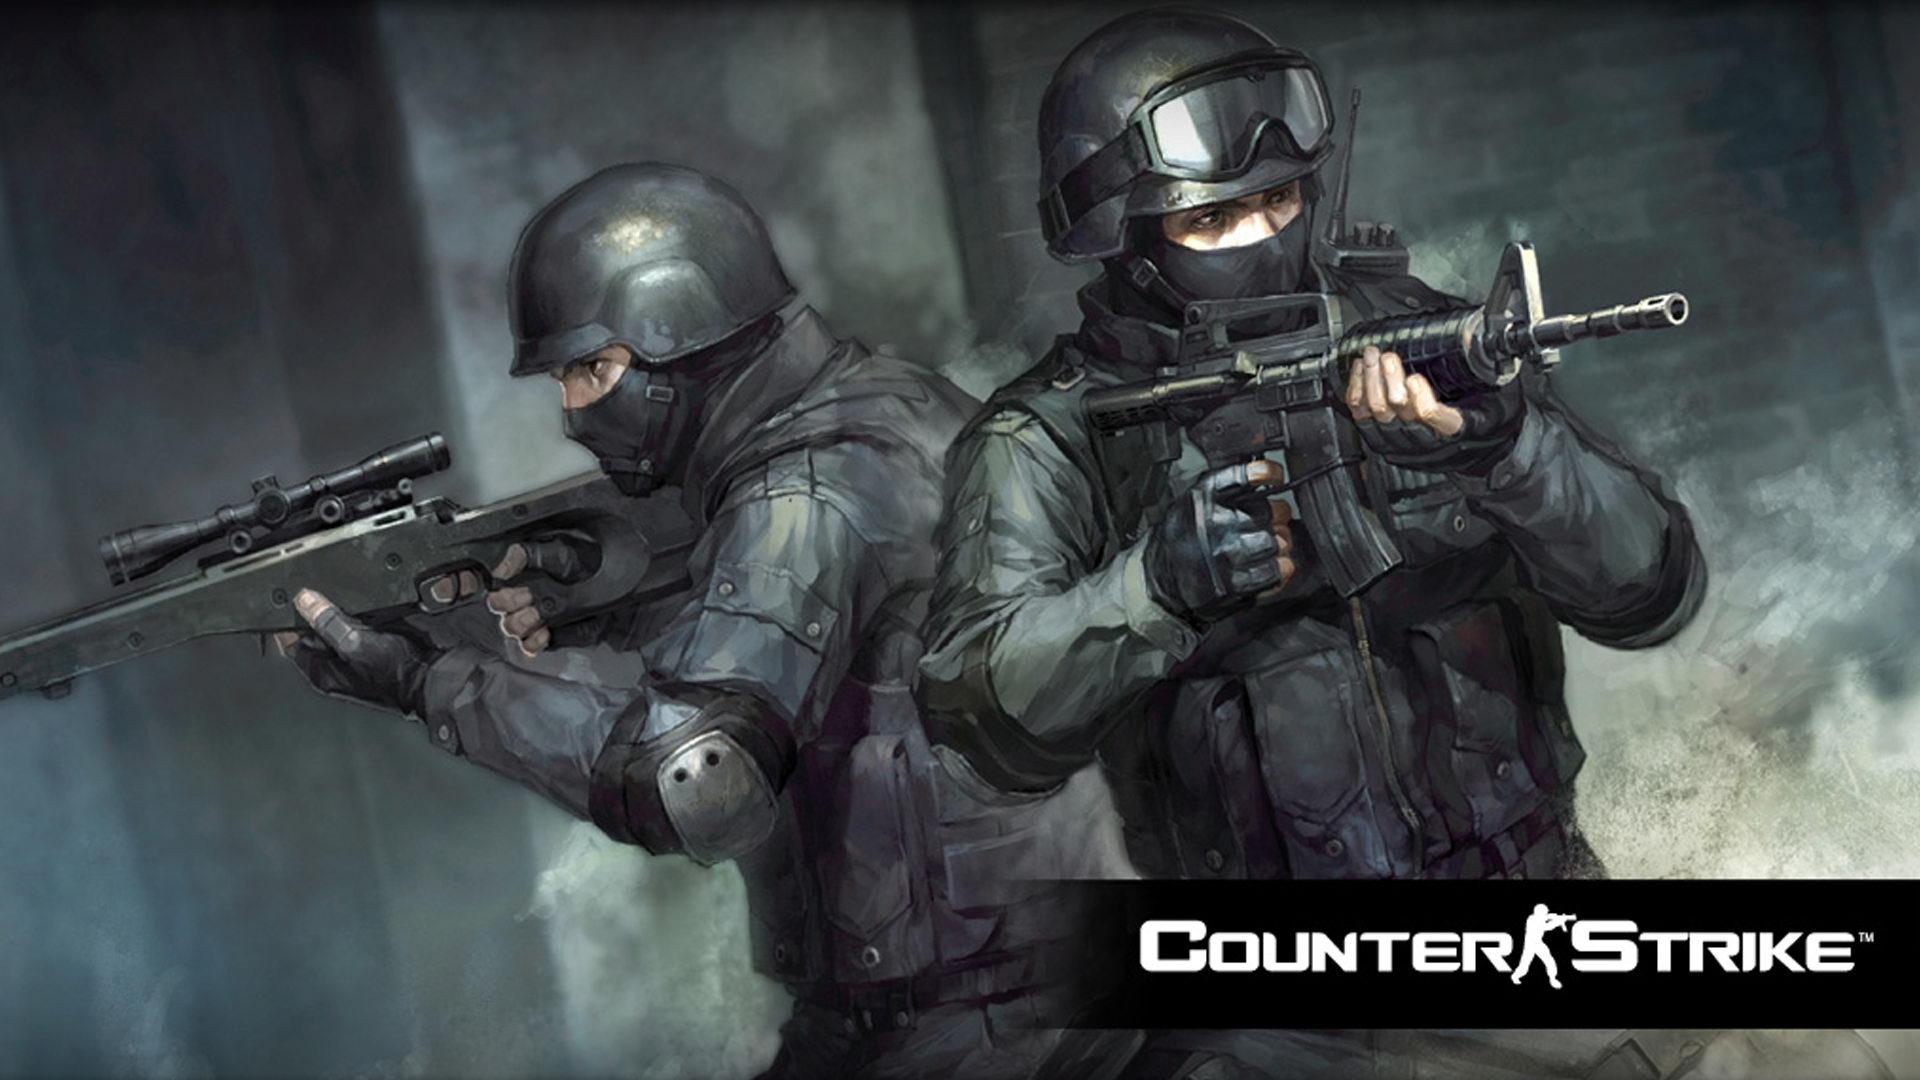 О некоторых жанрах и их представителях в мире компьютерных игр